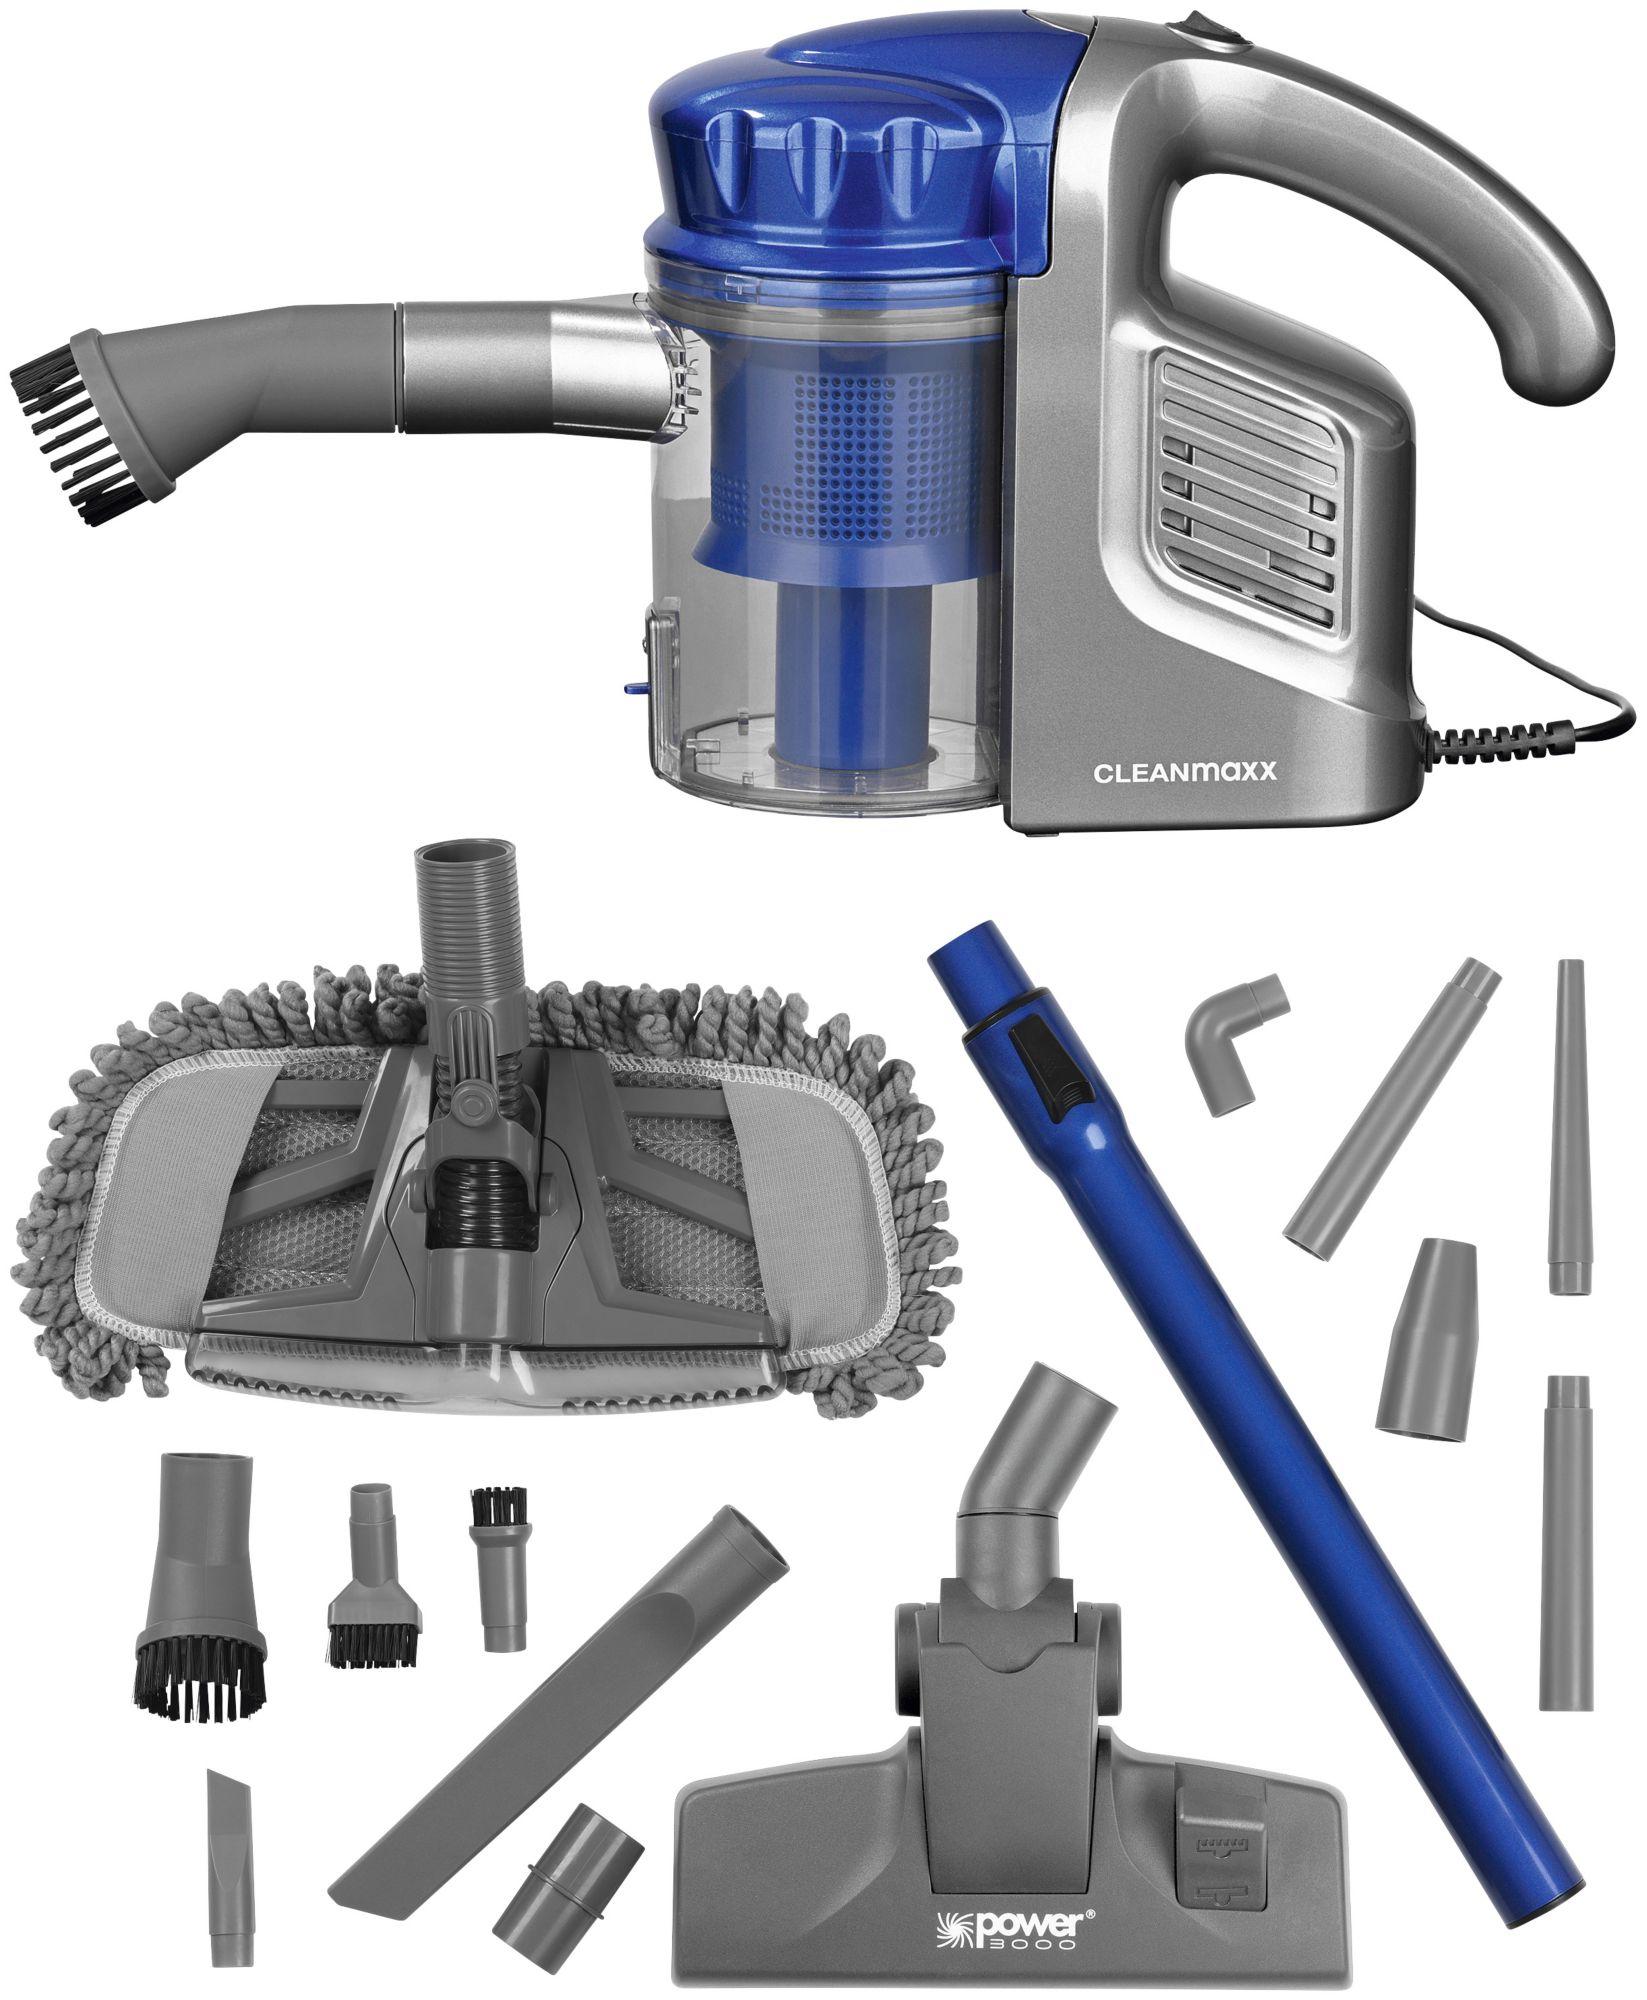 CLEAN MAXX Clean Maxx Zyklon-Handstaubsauger Multi-Sensation 2in1, beutellos, 600 Watt, Energieklasse A, blau-silber